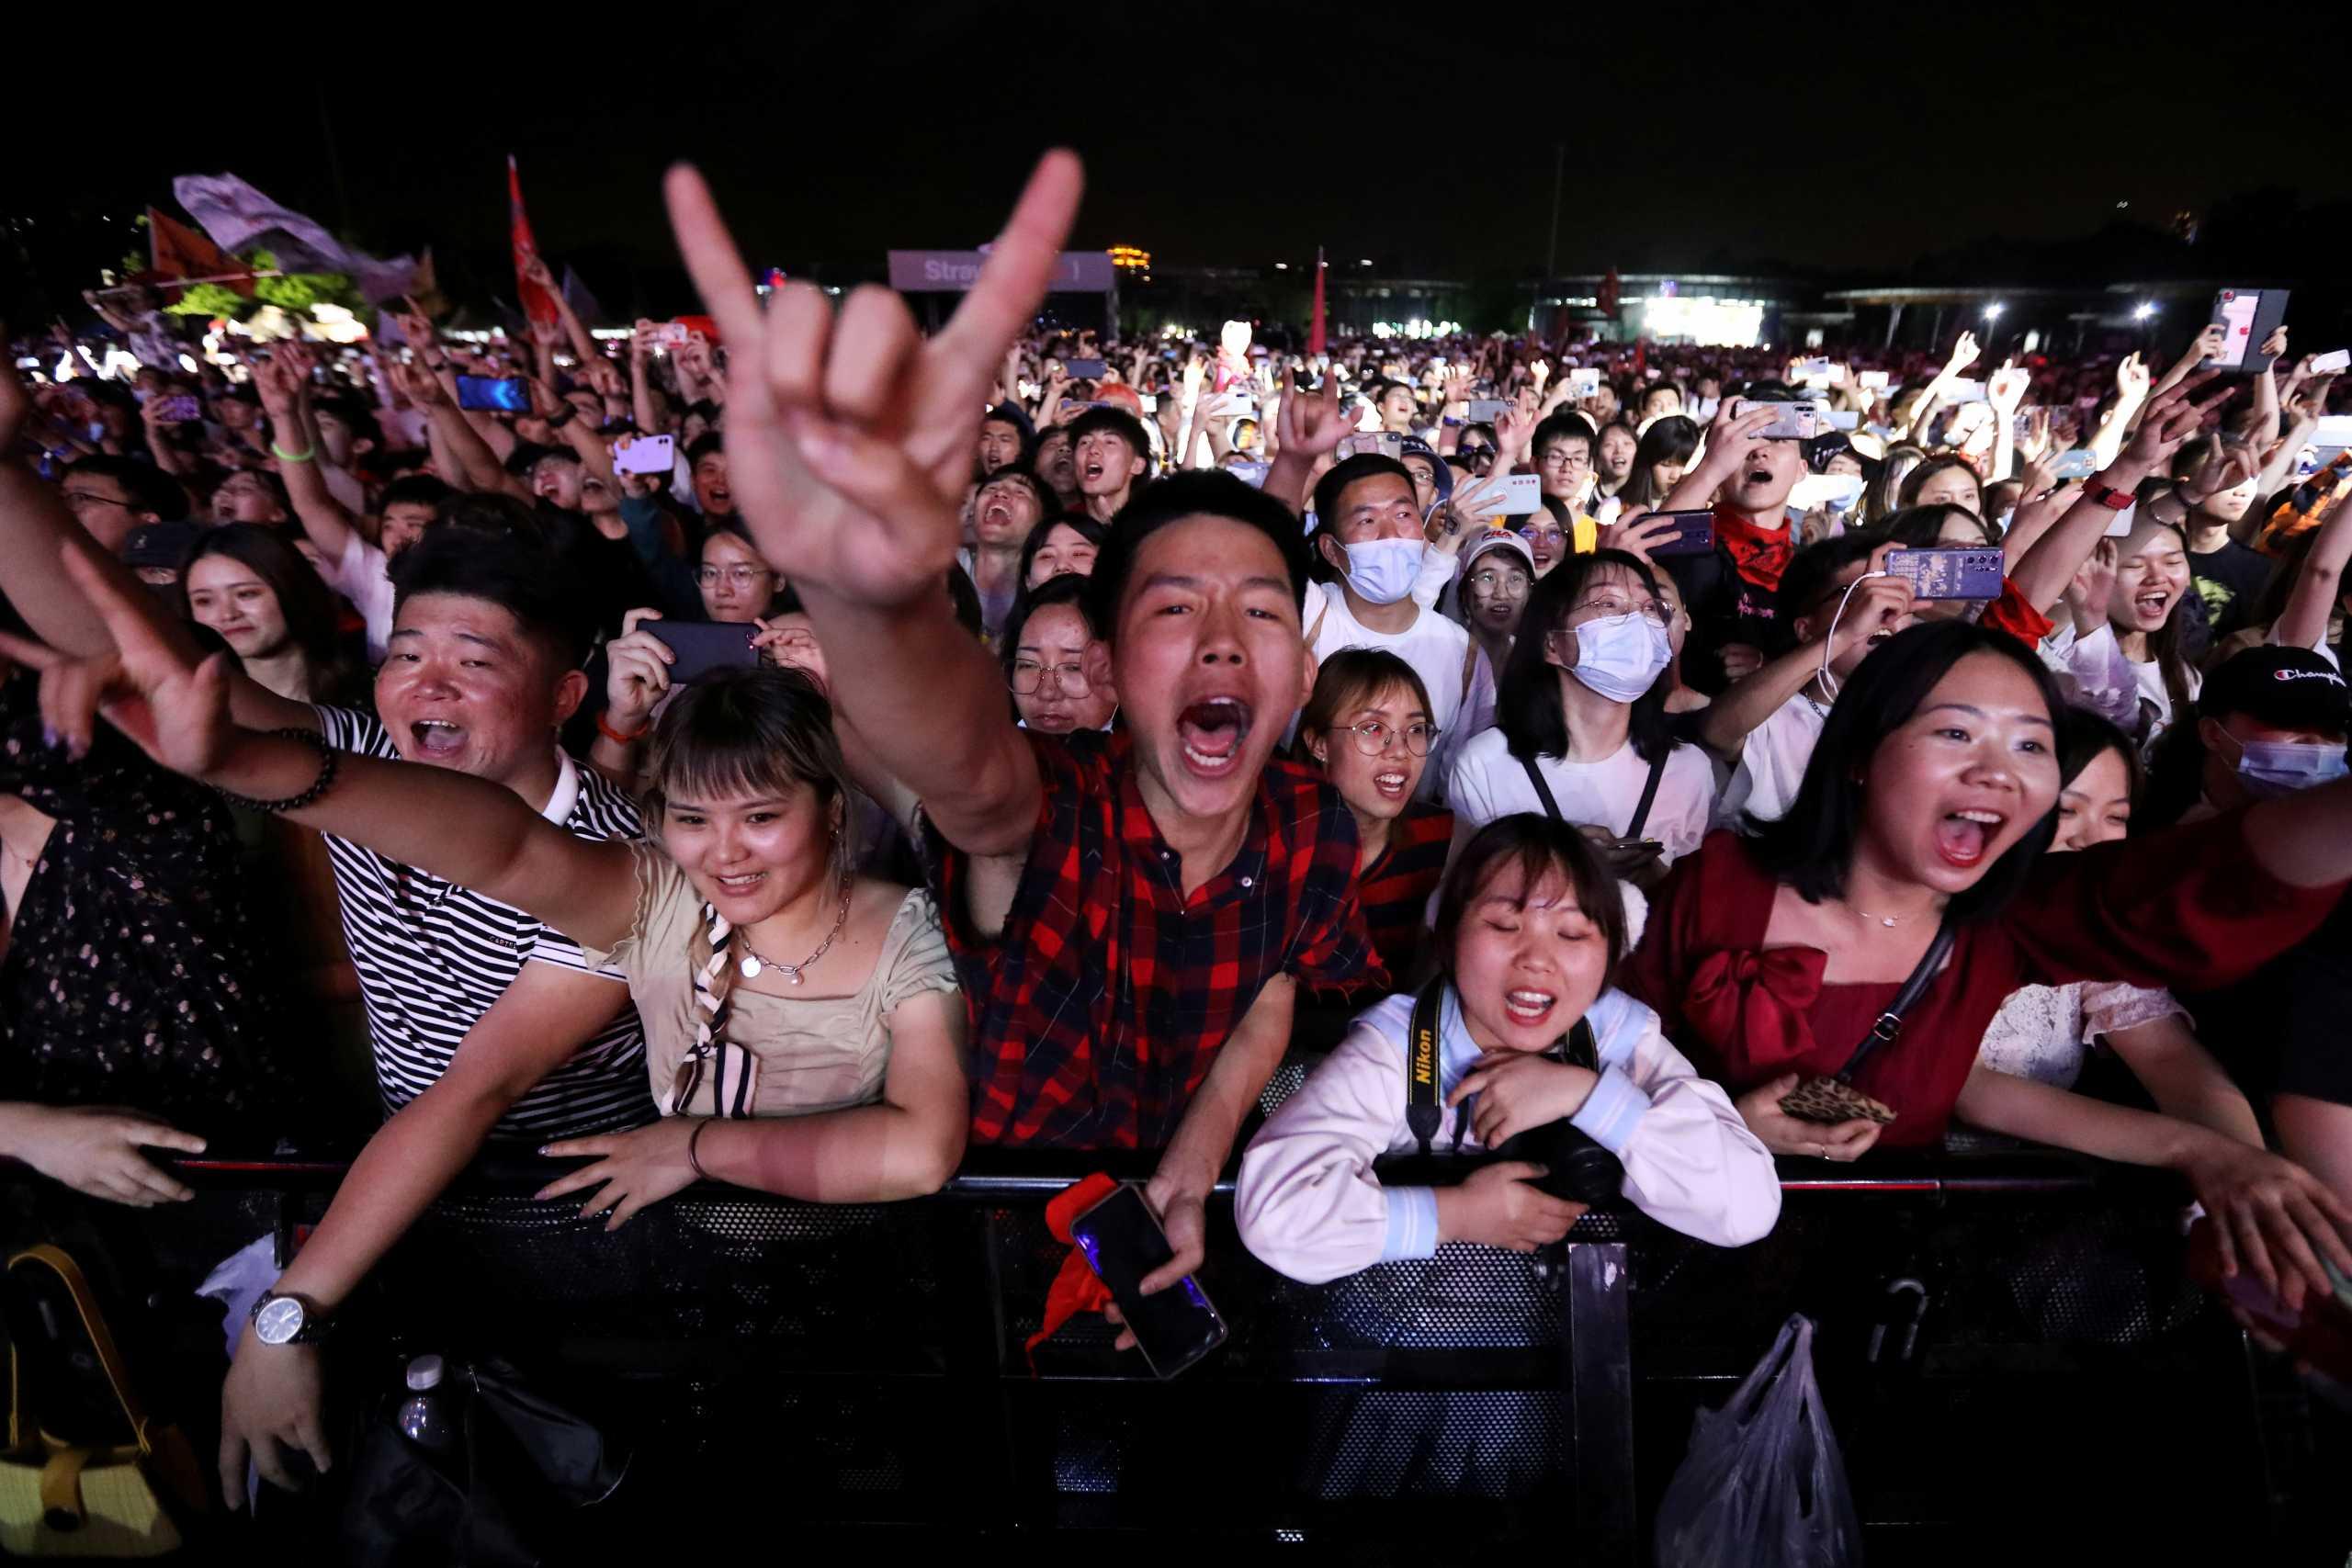 Η Γουχάν επιστρέφει στην κανονικότητα; Συναυλία με 11.000 θεατές (pics, vid)